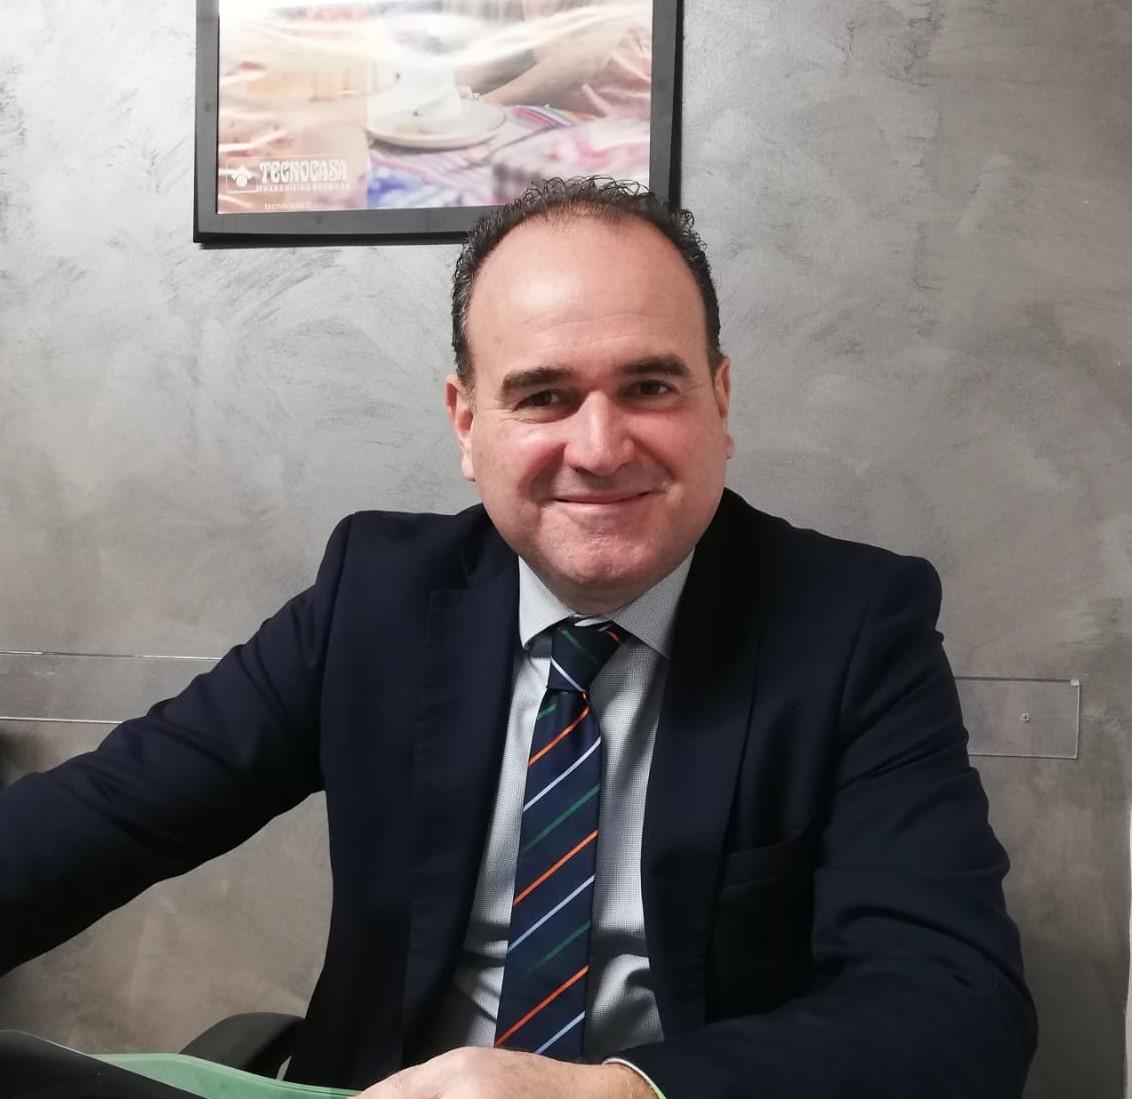 """Confesercenti Salerno: Anama, L'Associazione nazionale degli Agenti e dei Mediatori d'affari ha realizzato l'Osservatorio dei valori immobiliari """"Quotazioni Metroquadro"""""""